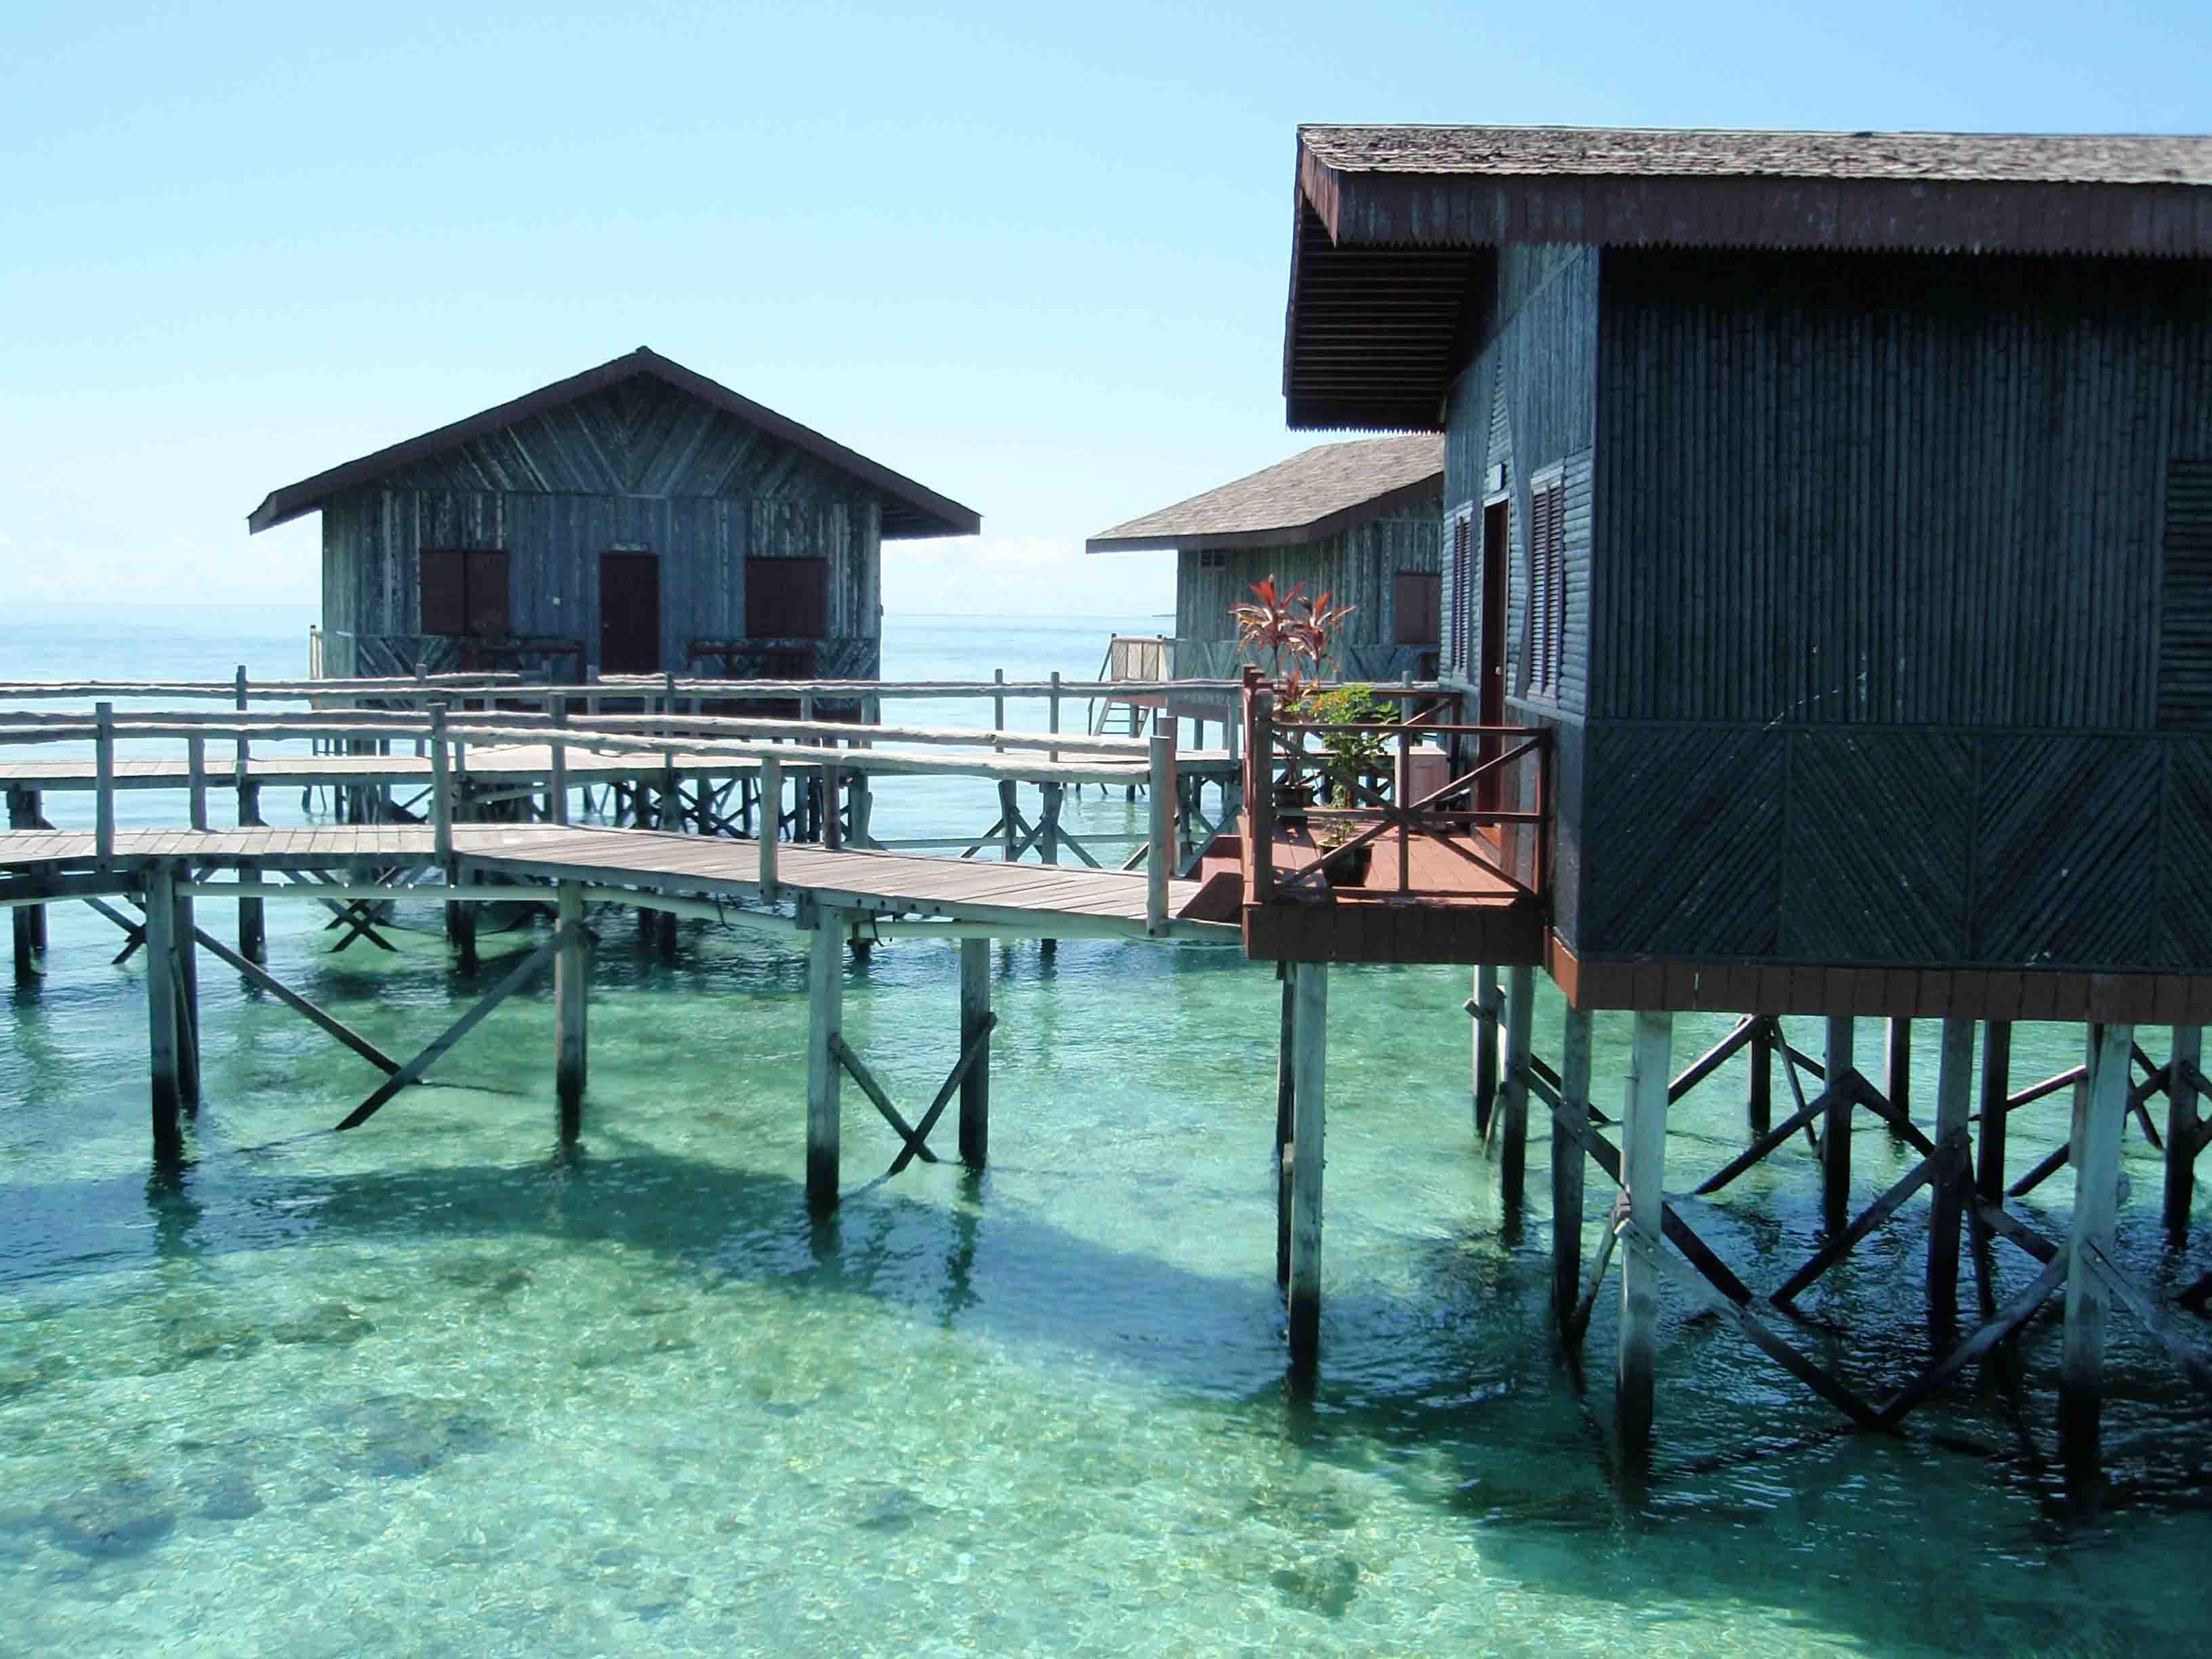 Terletak Di Laut Sulawesi Untuk Ke Resort Ini Anda Perlu Menaiki Bot Selama 45 Minit Suasana Yang Jauh Dari Kesibukan Kota Pastinya Memberikan